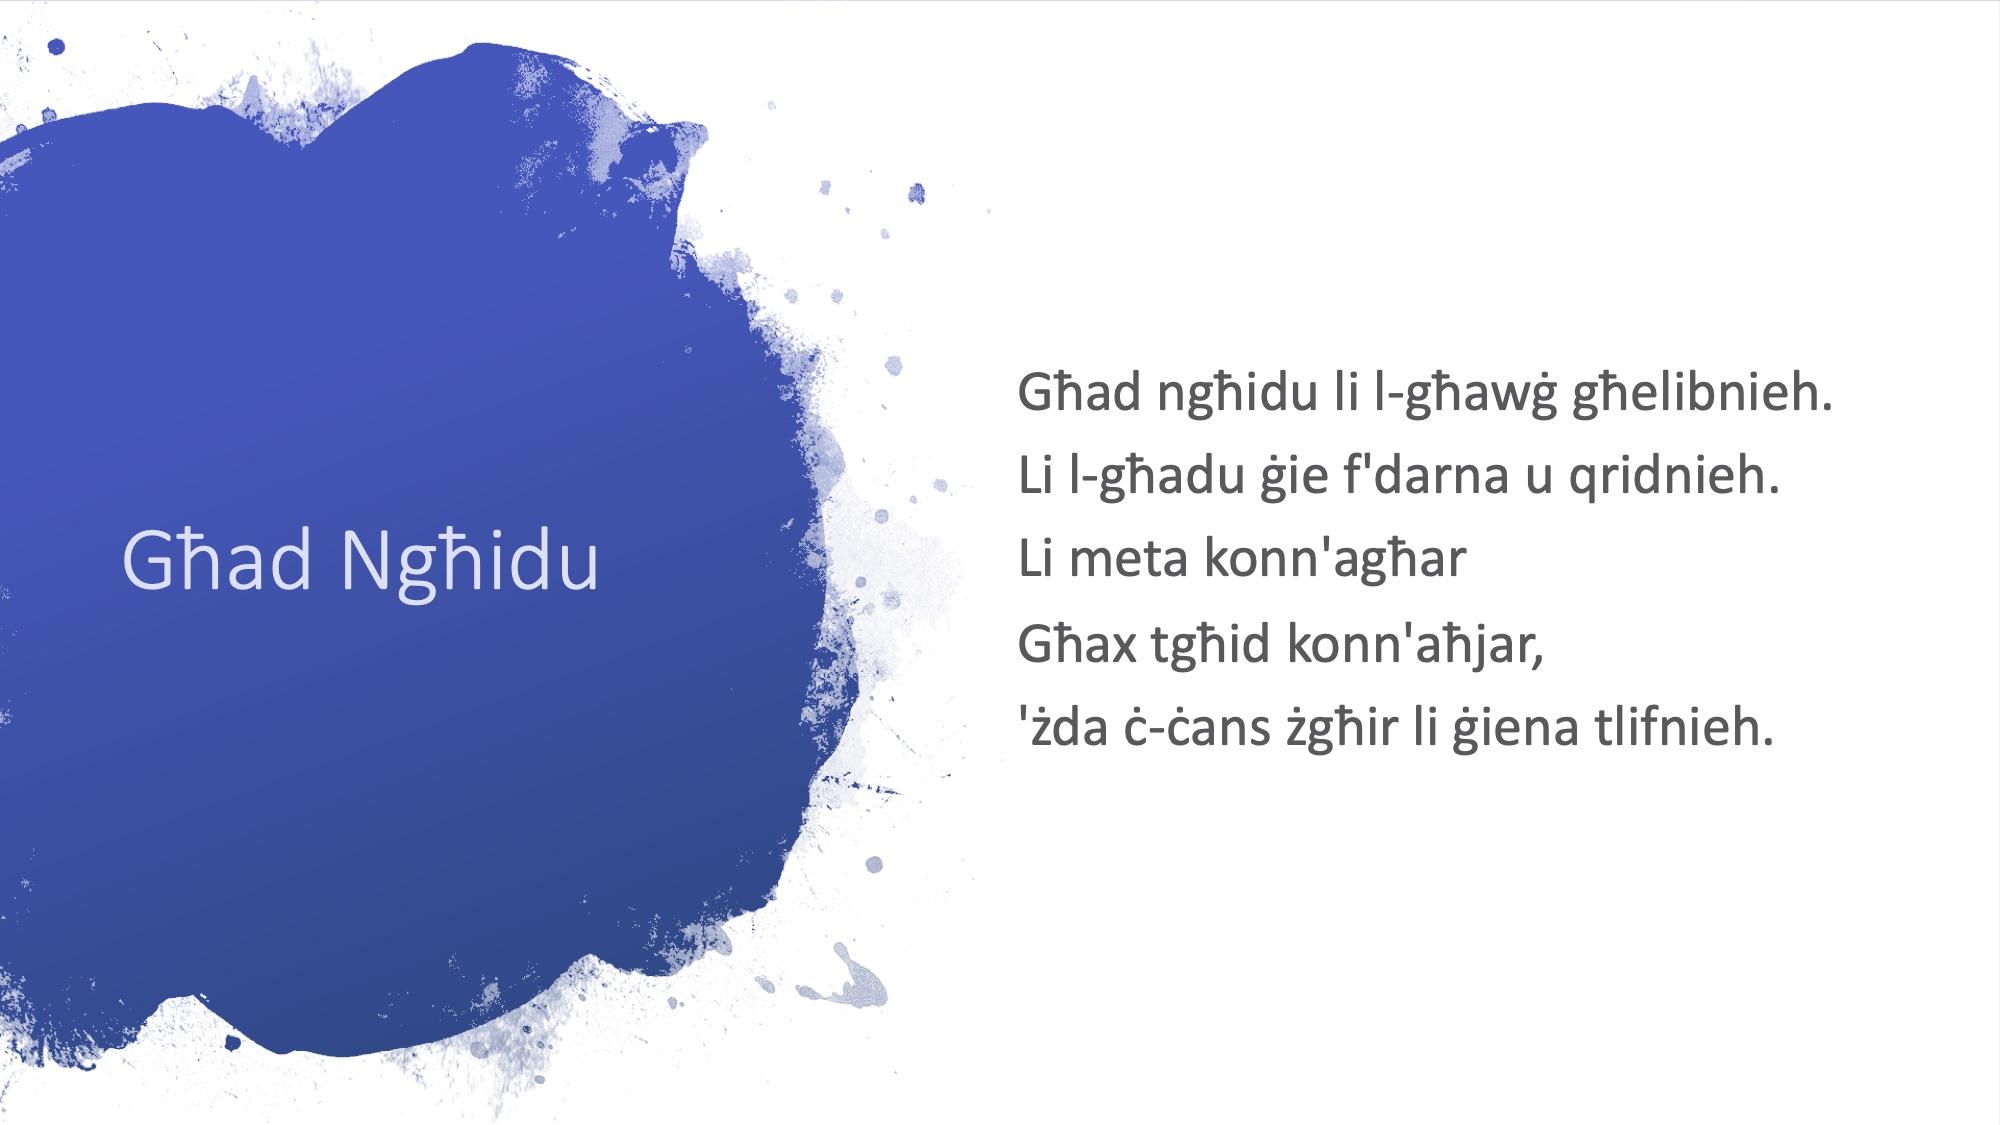 Il-Limerikki tal-Covid-19 - Għad Ngħidu - 2